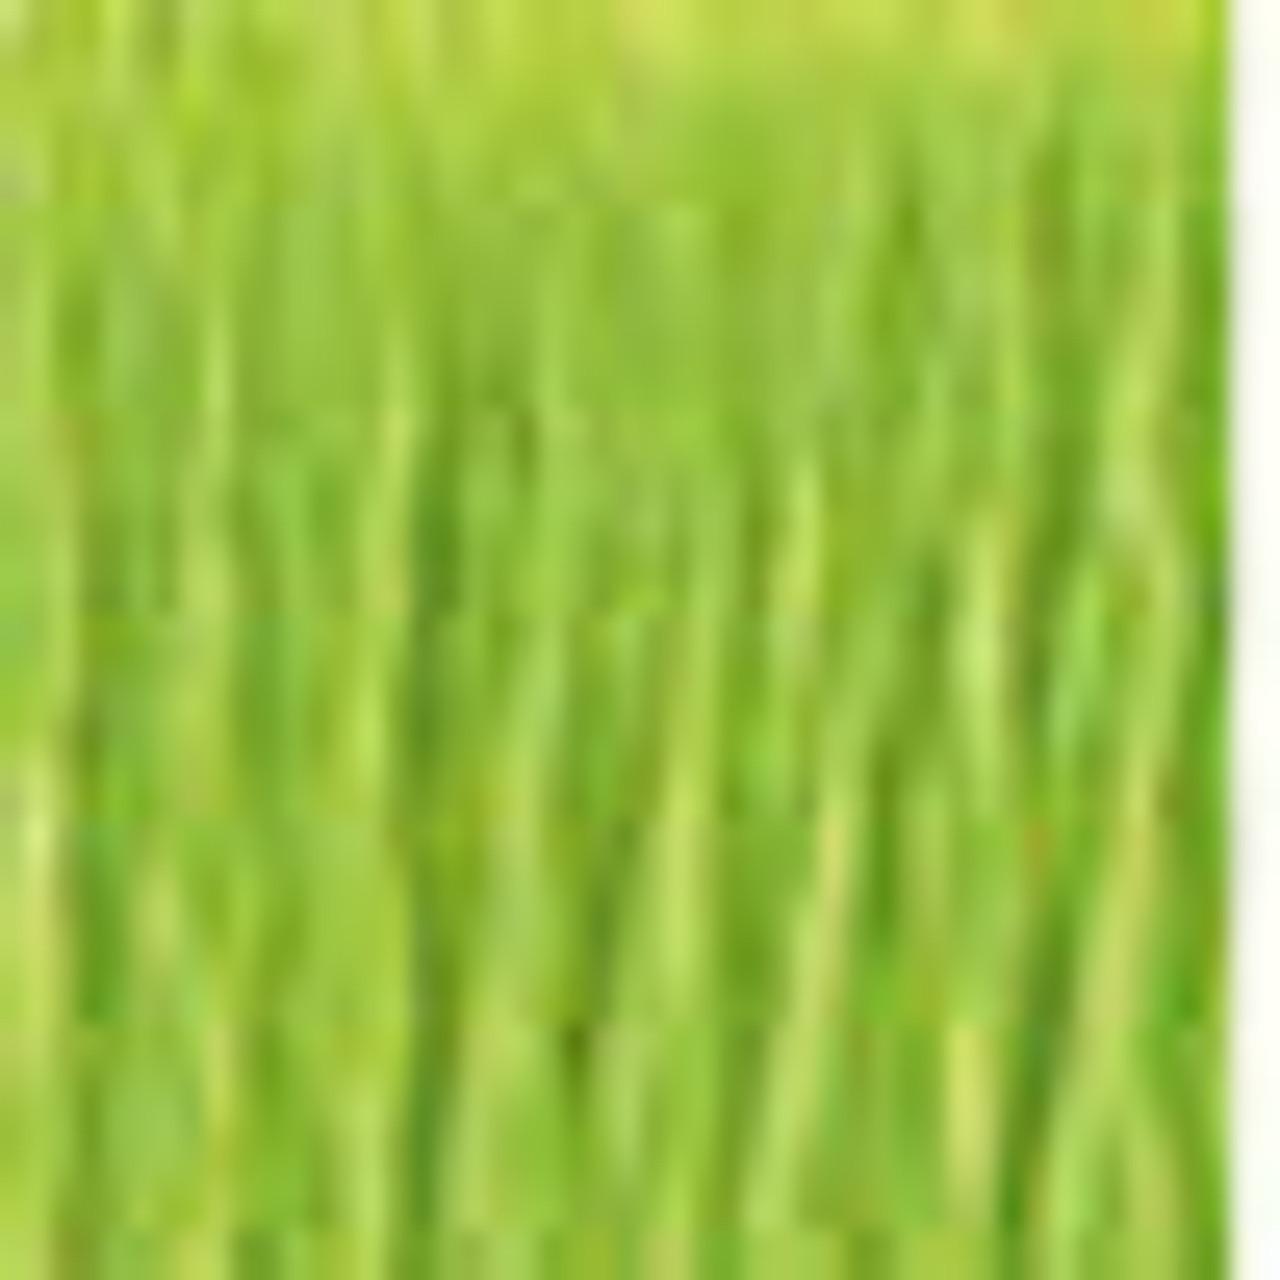 DMC # 907 Light Parrot Green Floss / Thread